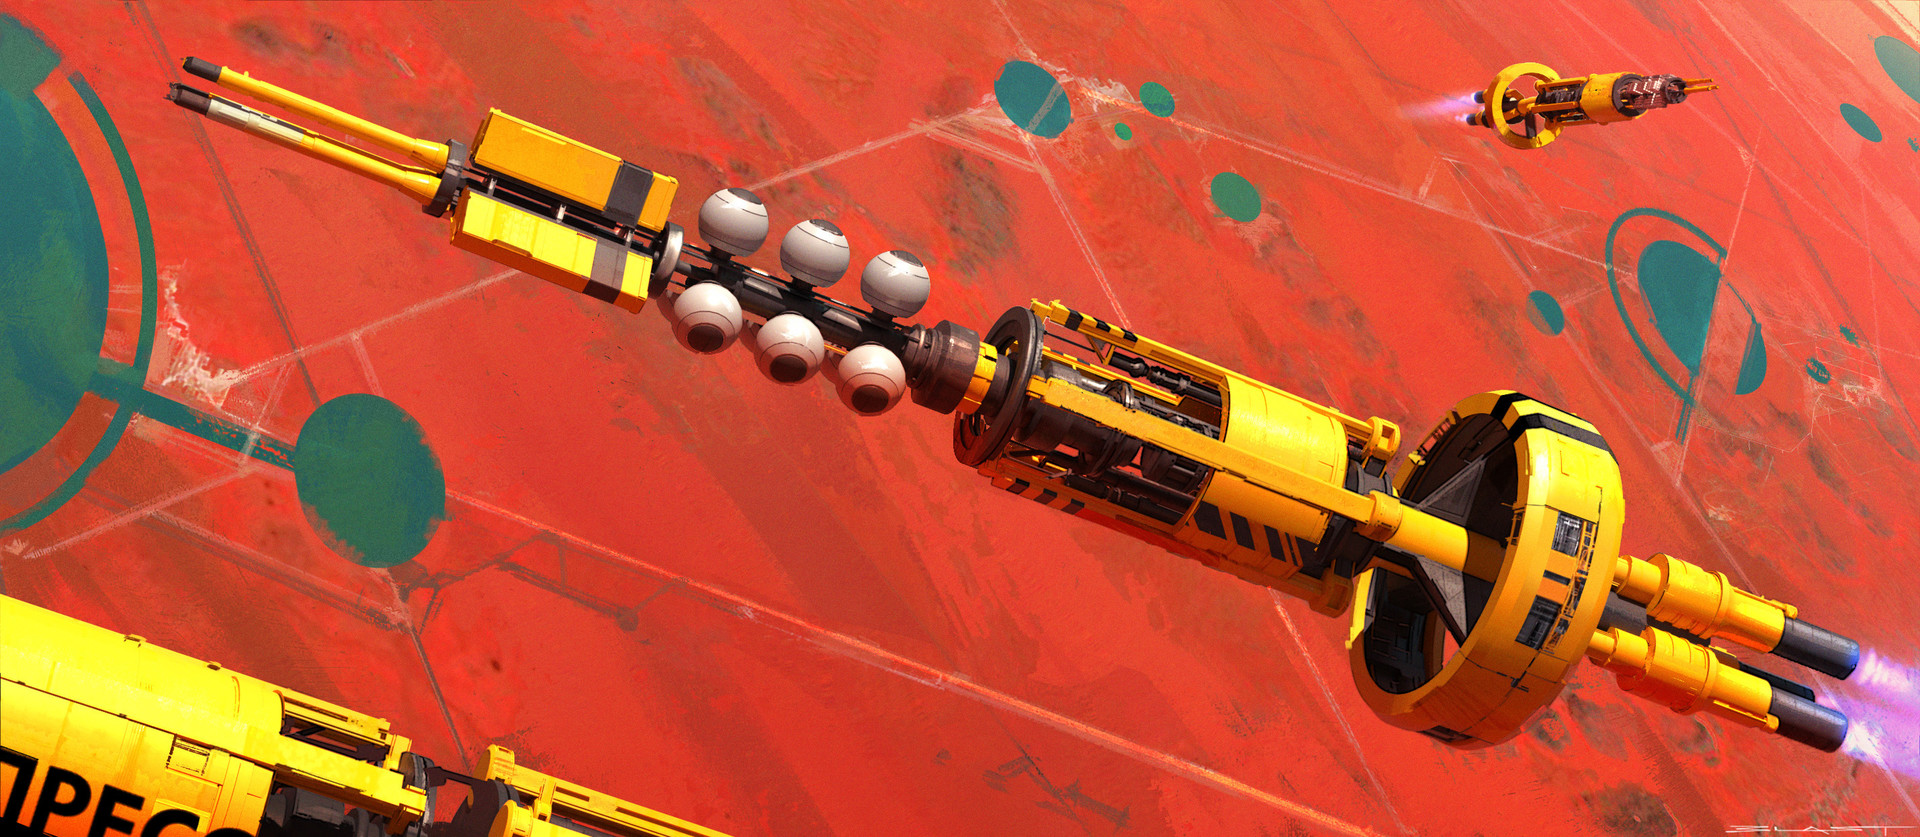 Benjamin last orbiter rig v002d blast